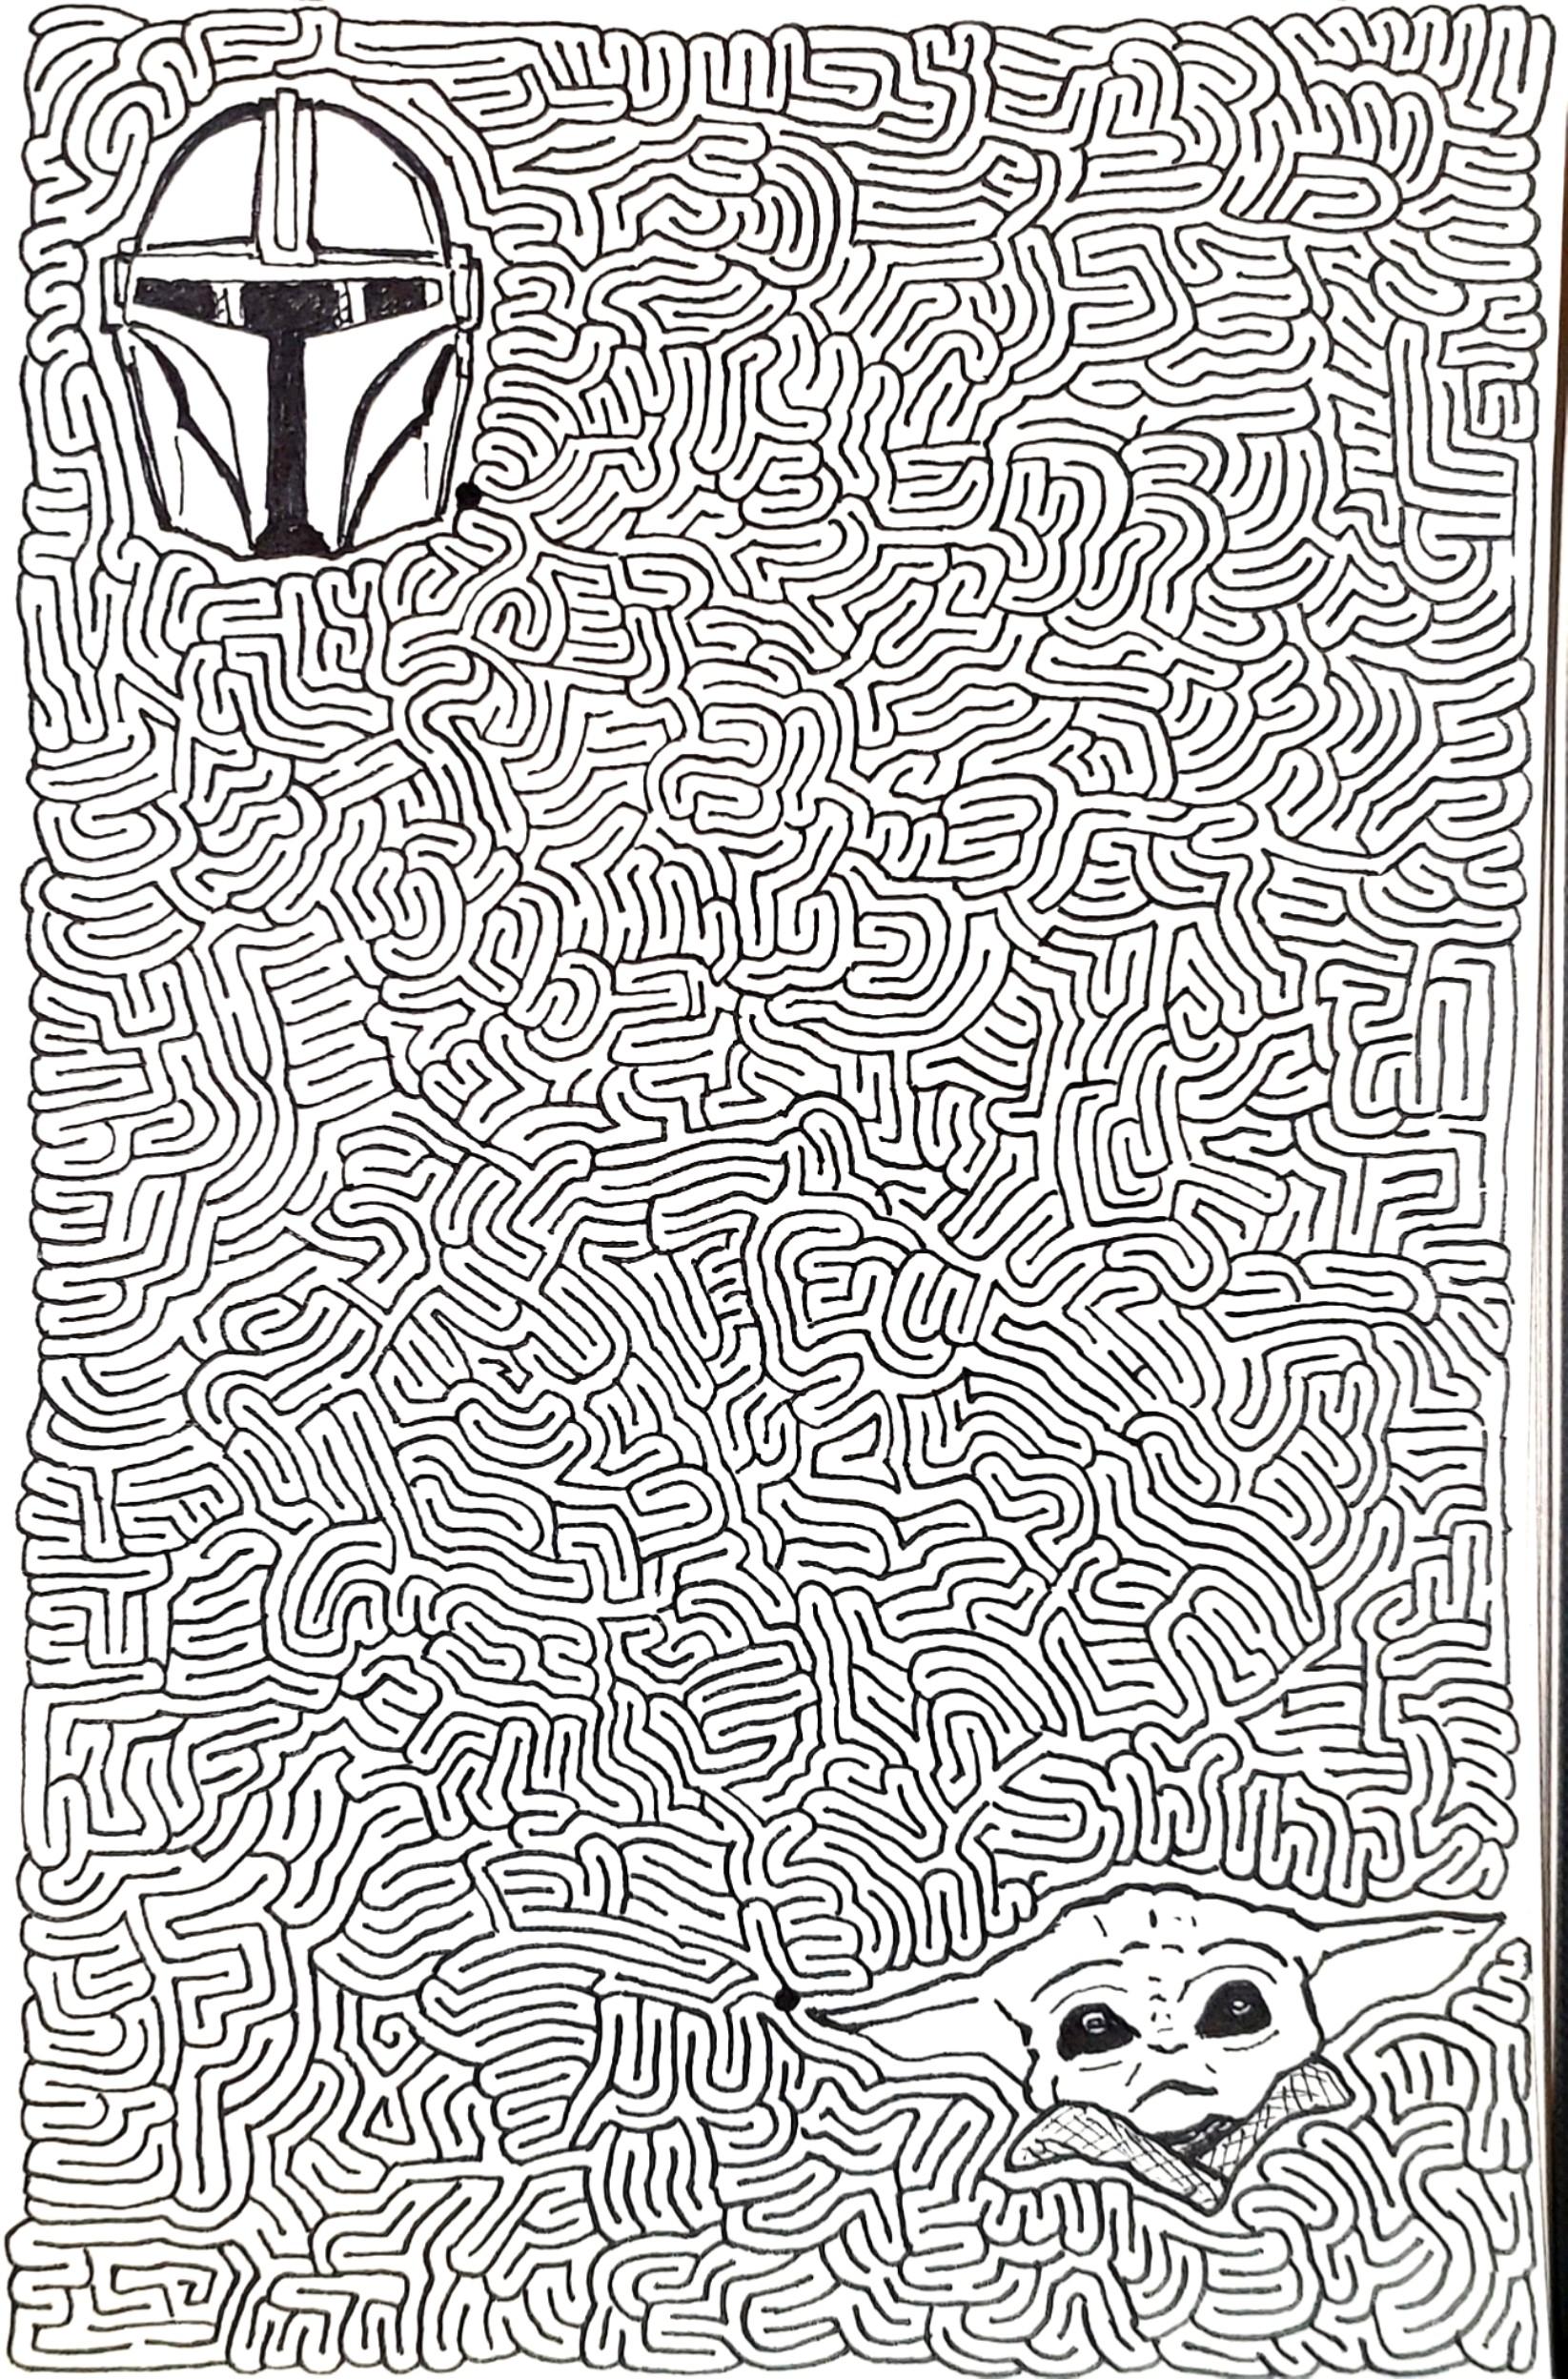 Mandalorian Maze by @AiXeLsyD13